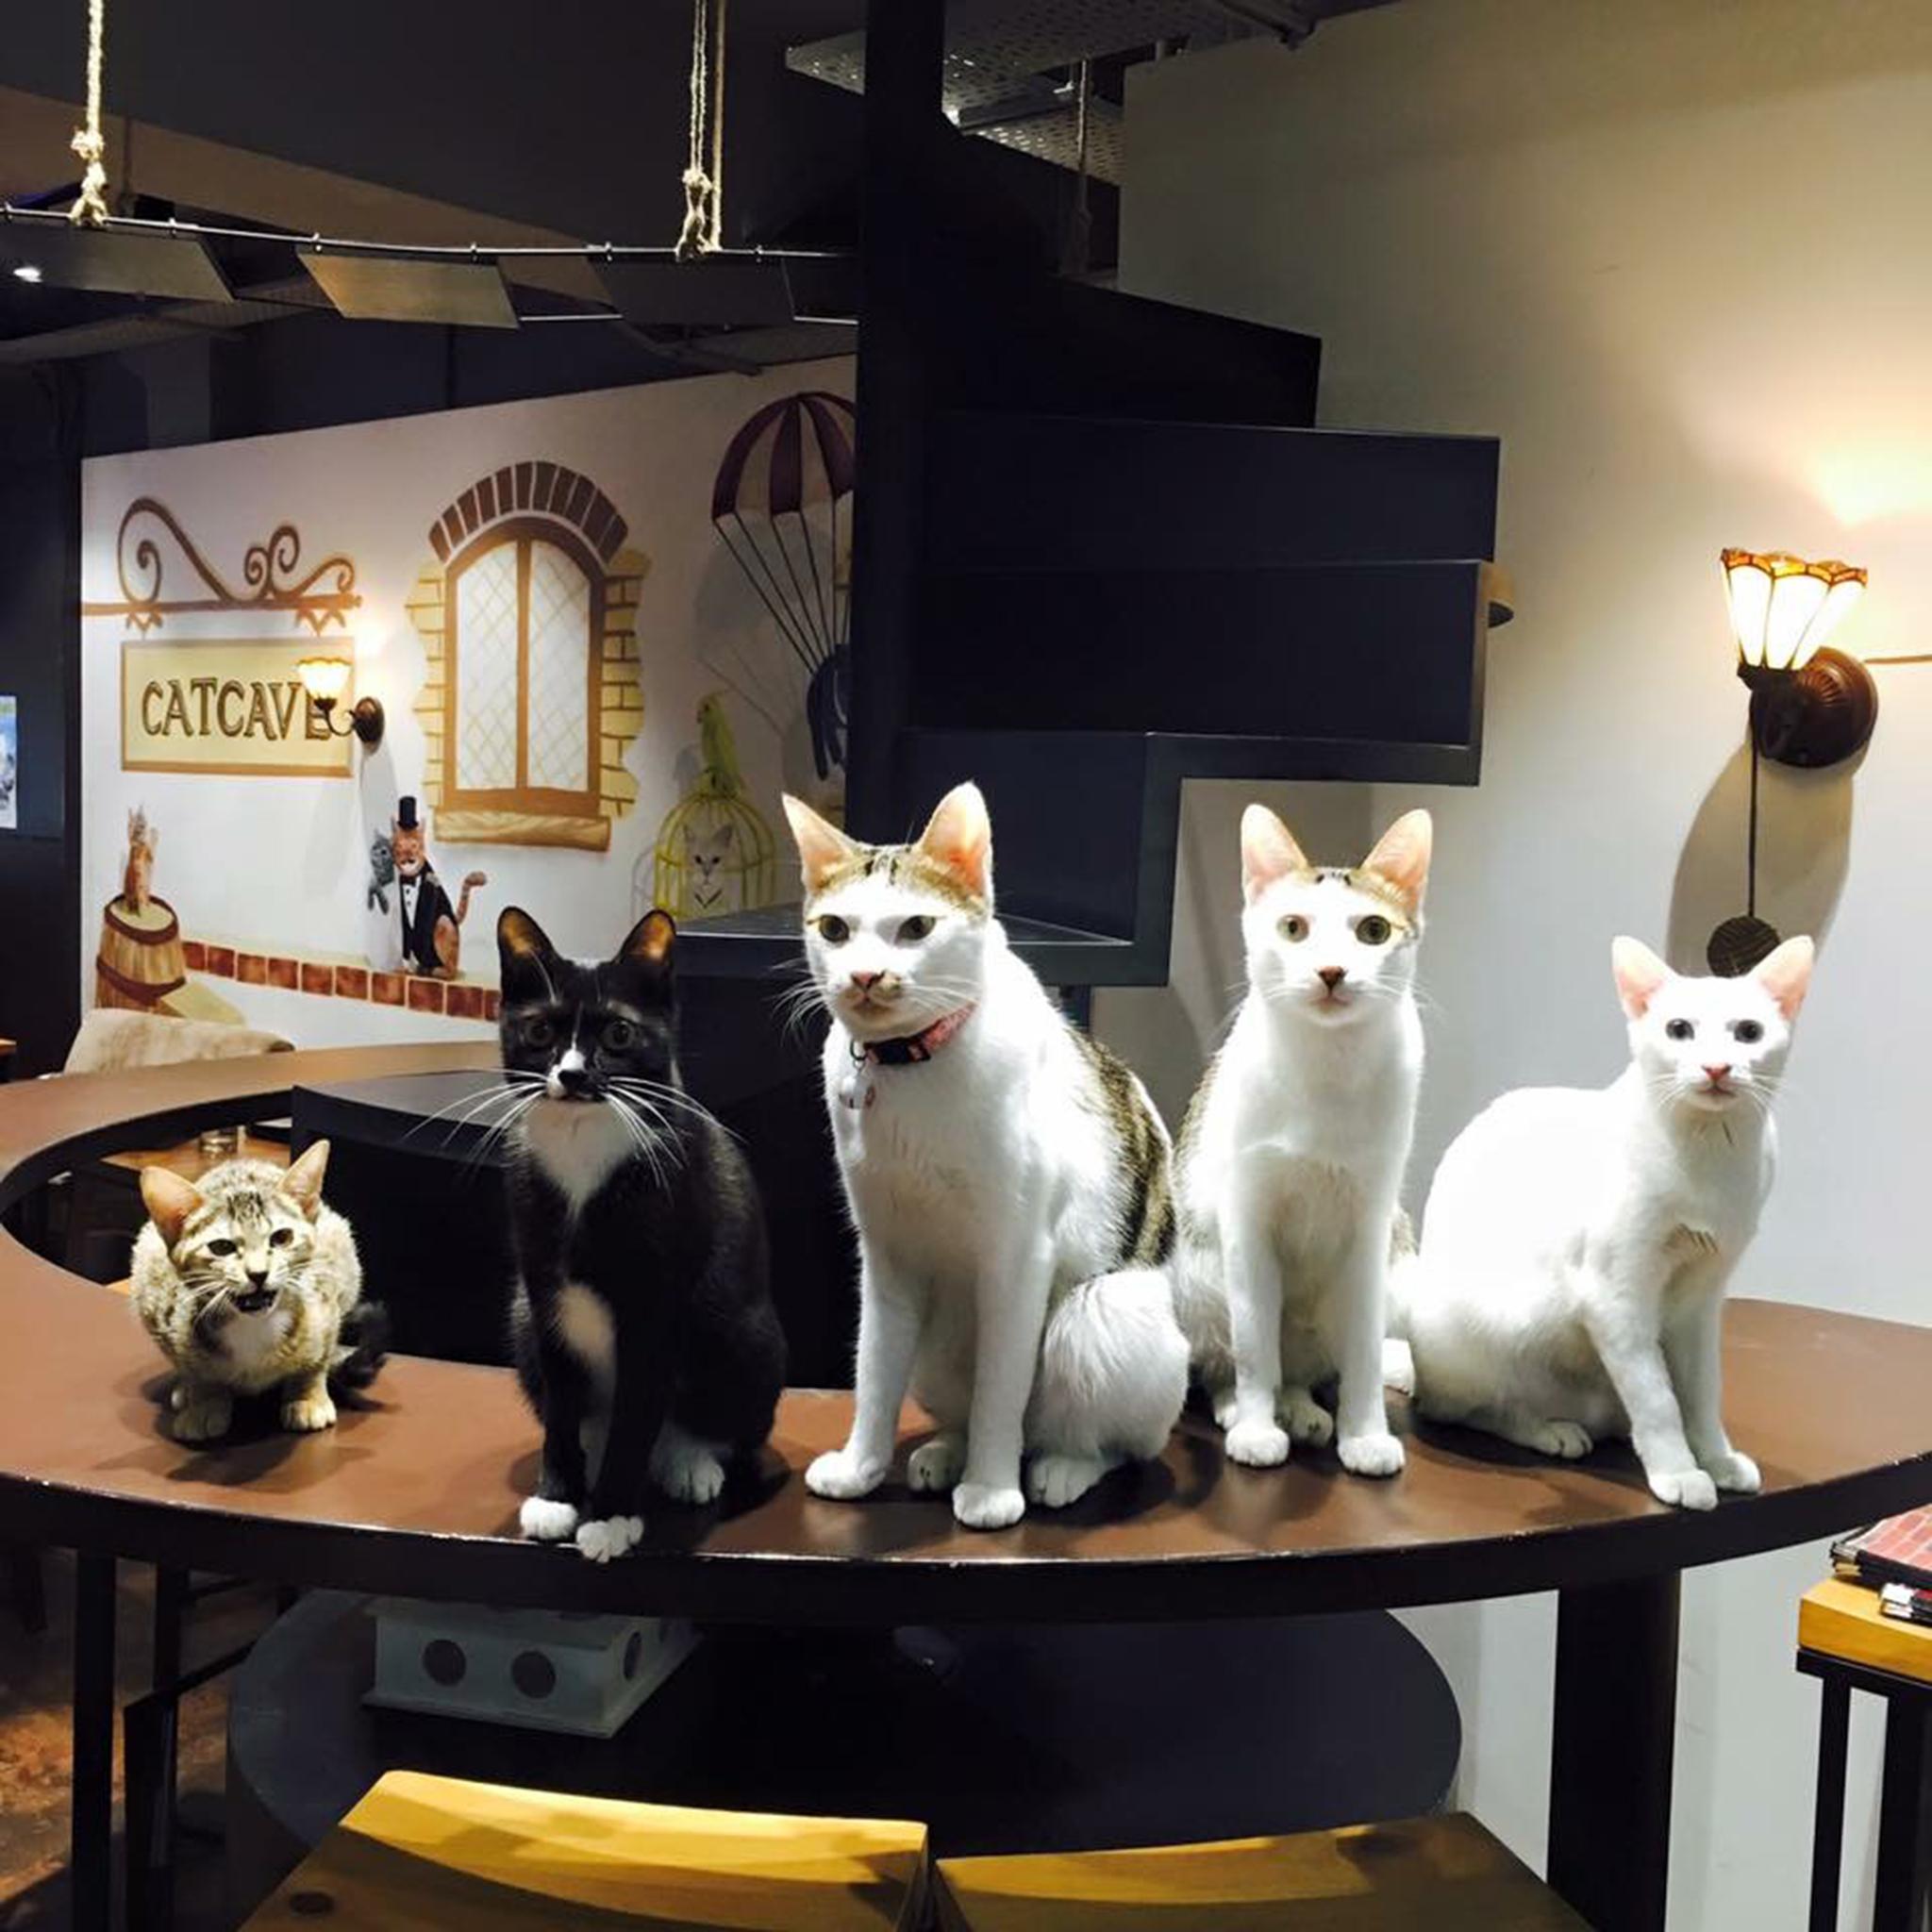 Cat Cave Cafe |Bebe um chá, leva um gato